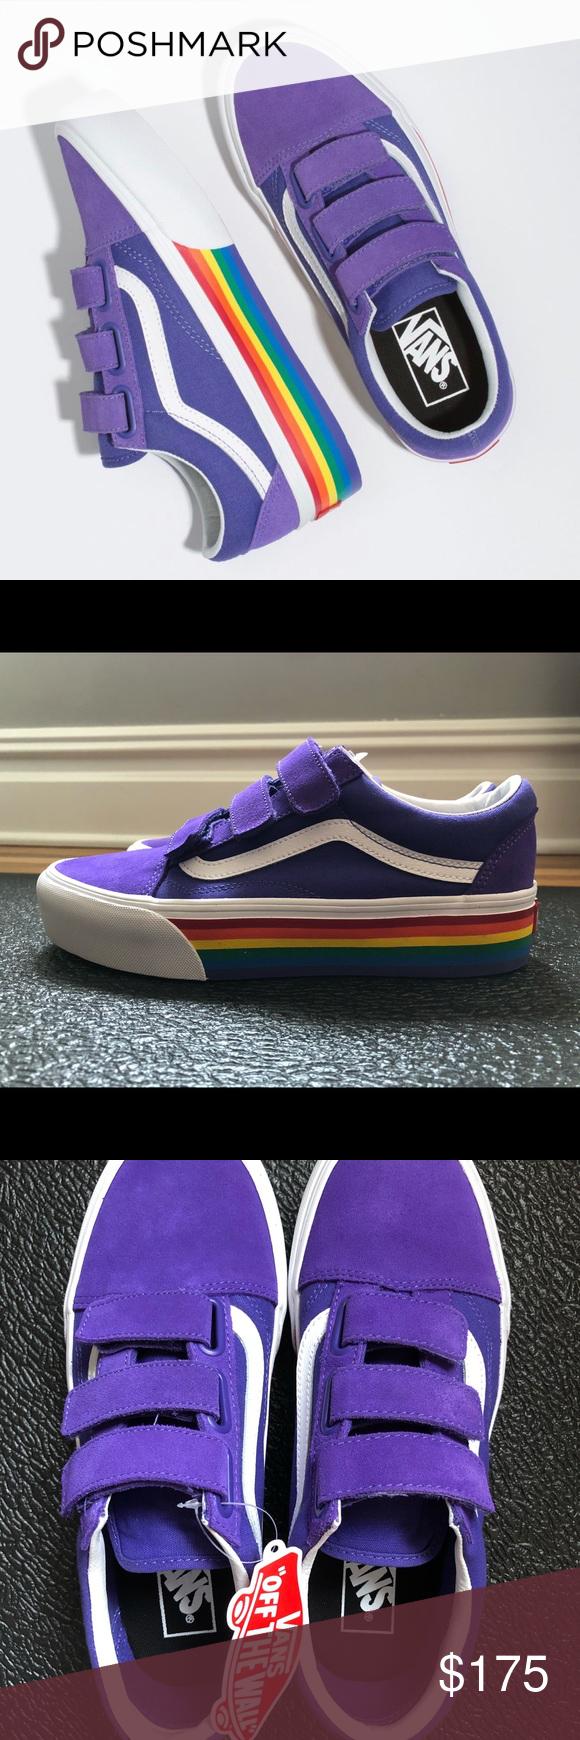 VANS Old Skool V Platform Rainbow Pride WORN ONCE